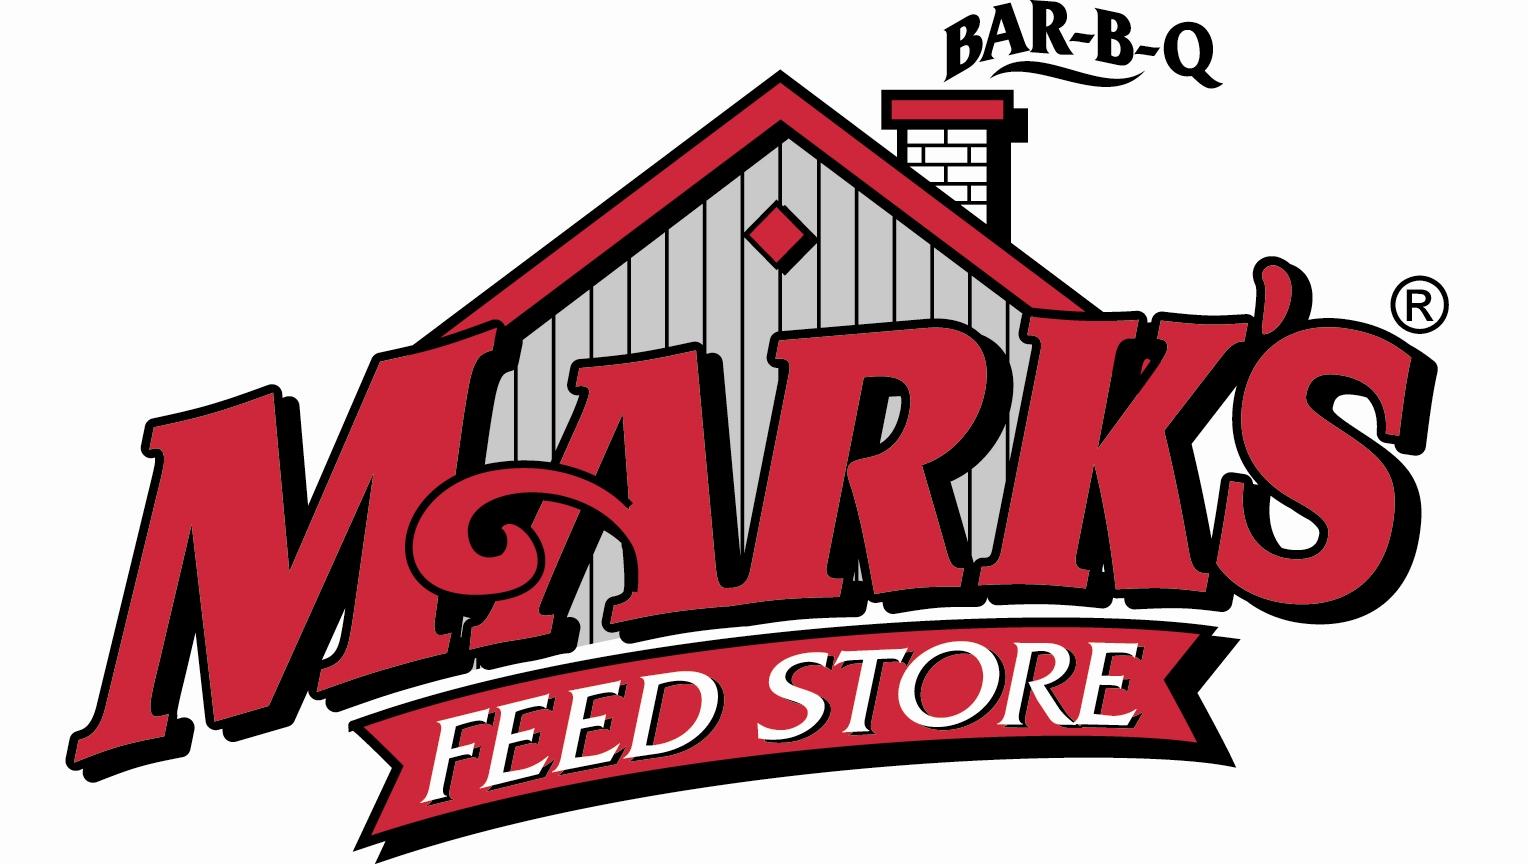 MarksFeedStore.jpg